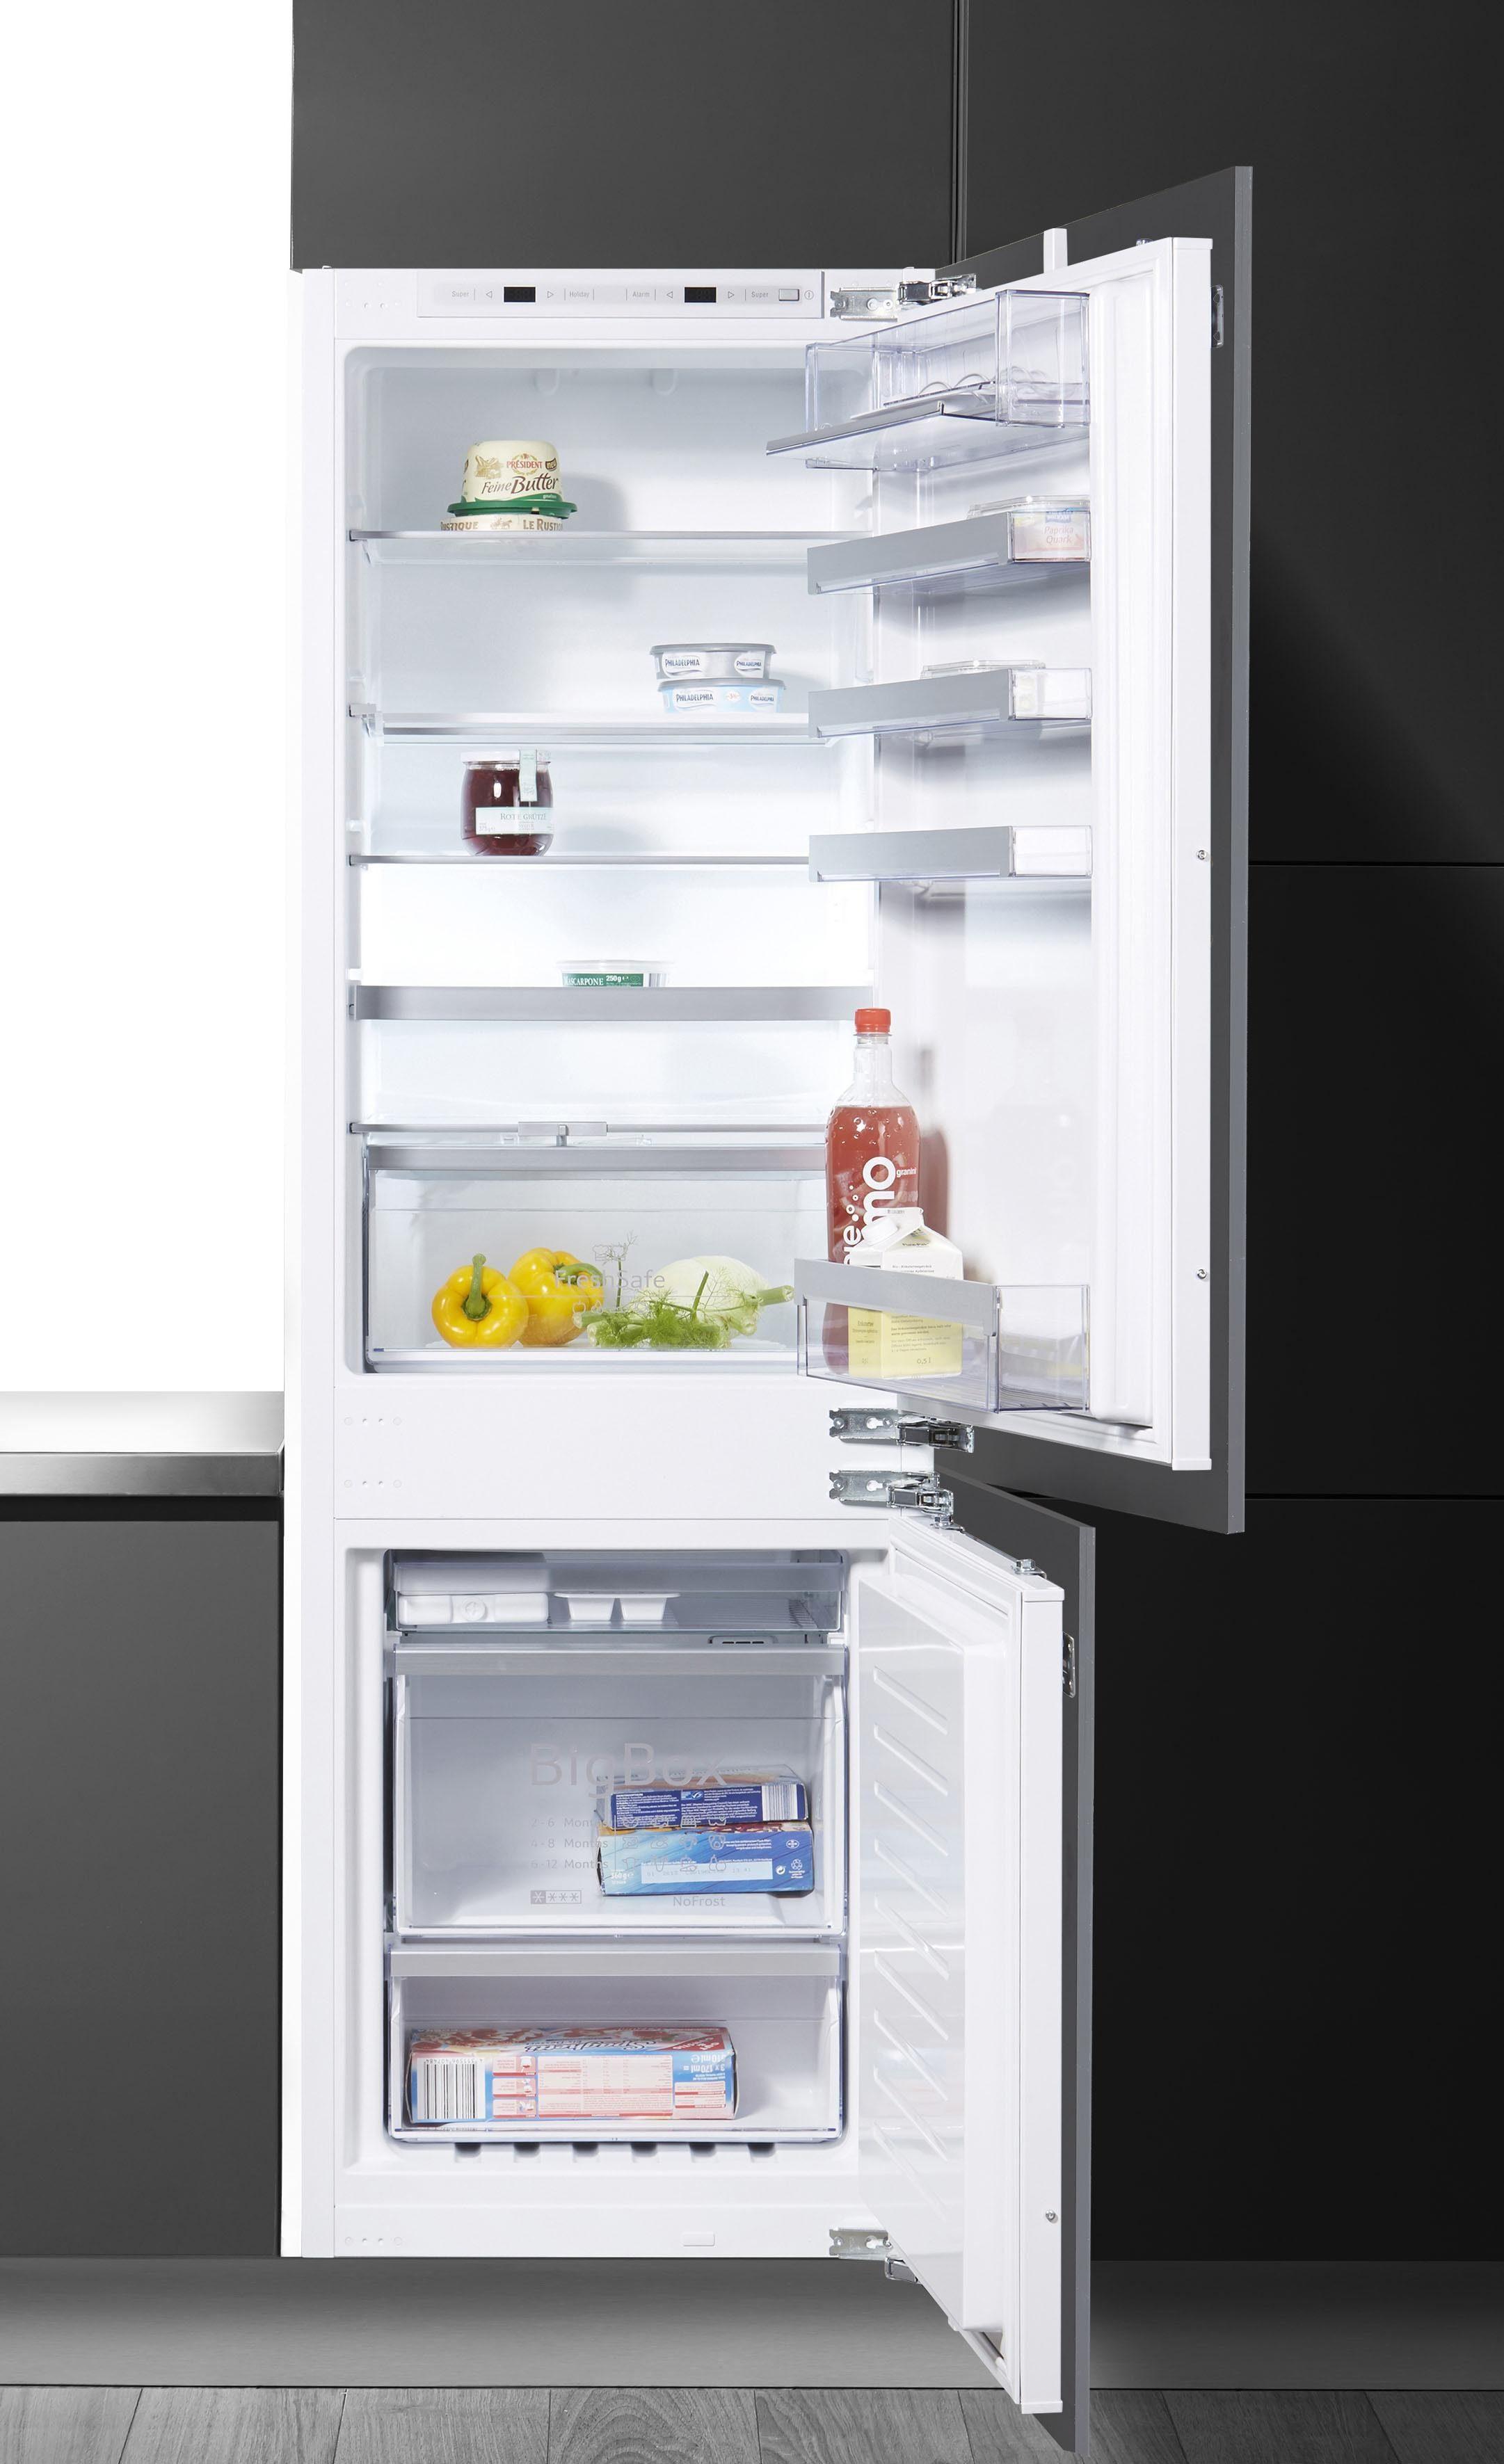 NEFF Einbaukühlgefrierkombination KF736A2 / KI7863D30, 177,2 cm hoch, 54,5 cm breit, Energieeffizienzklasse A++, 178 cm